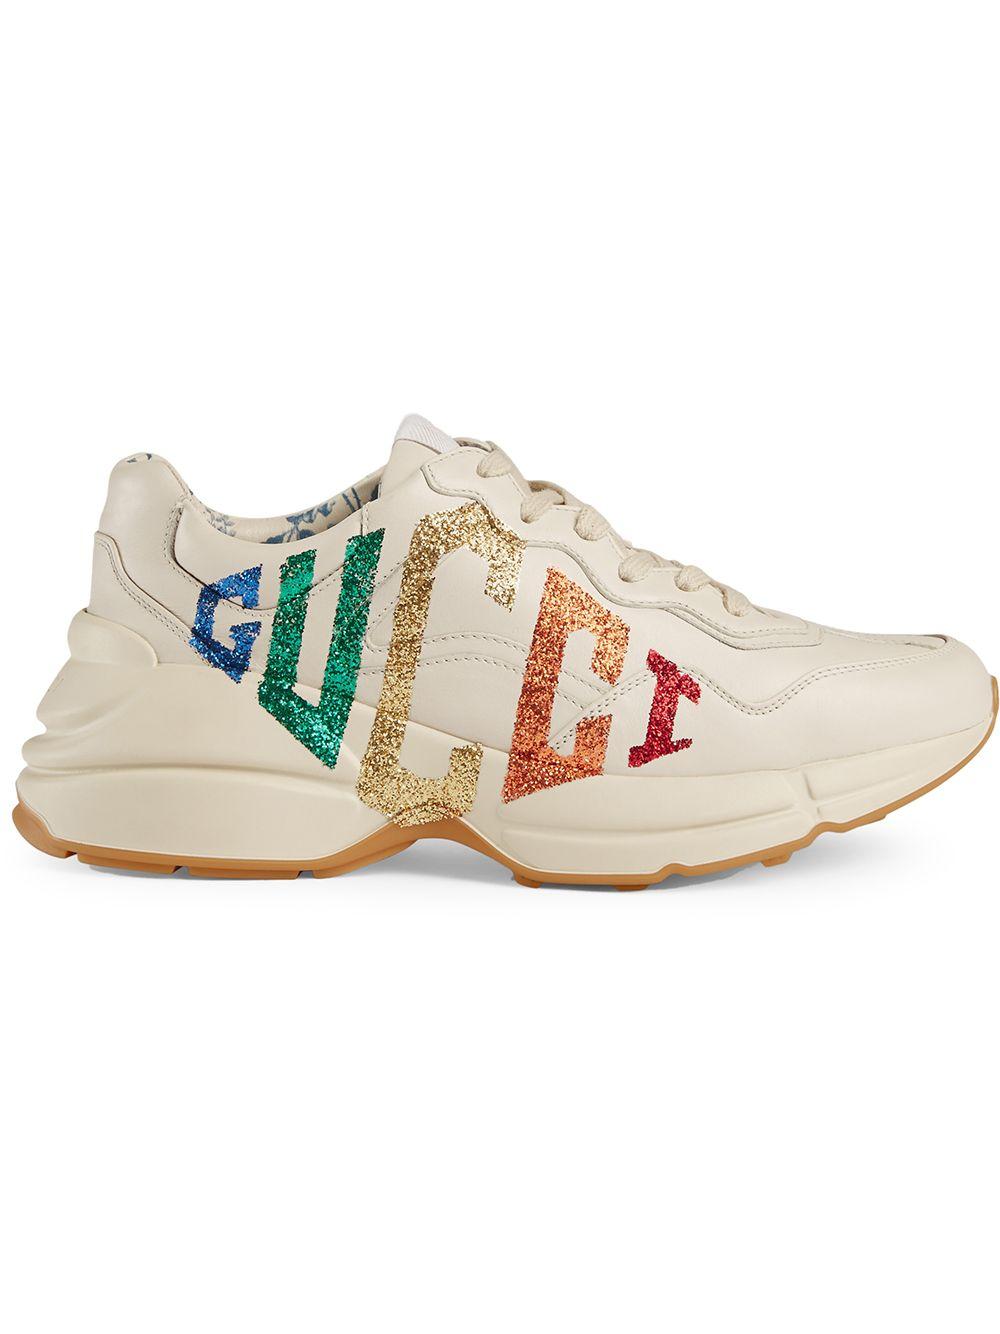 Gucci 'Rhyton' Sneakers - Weiß